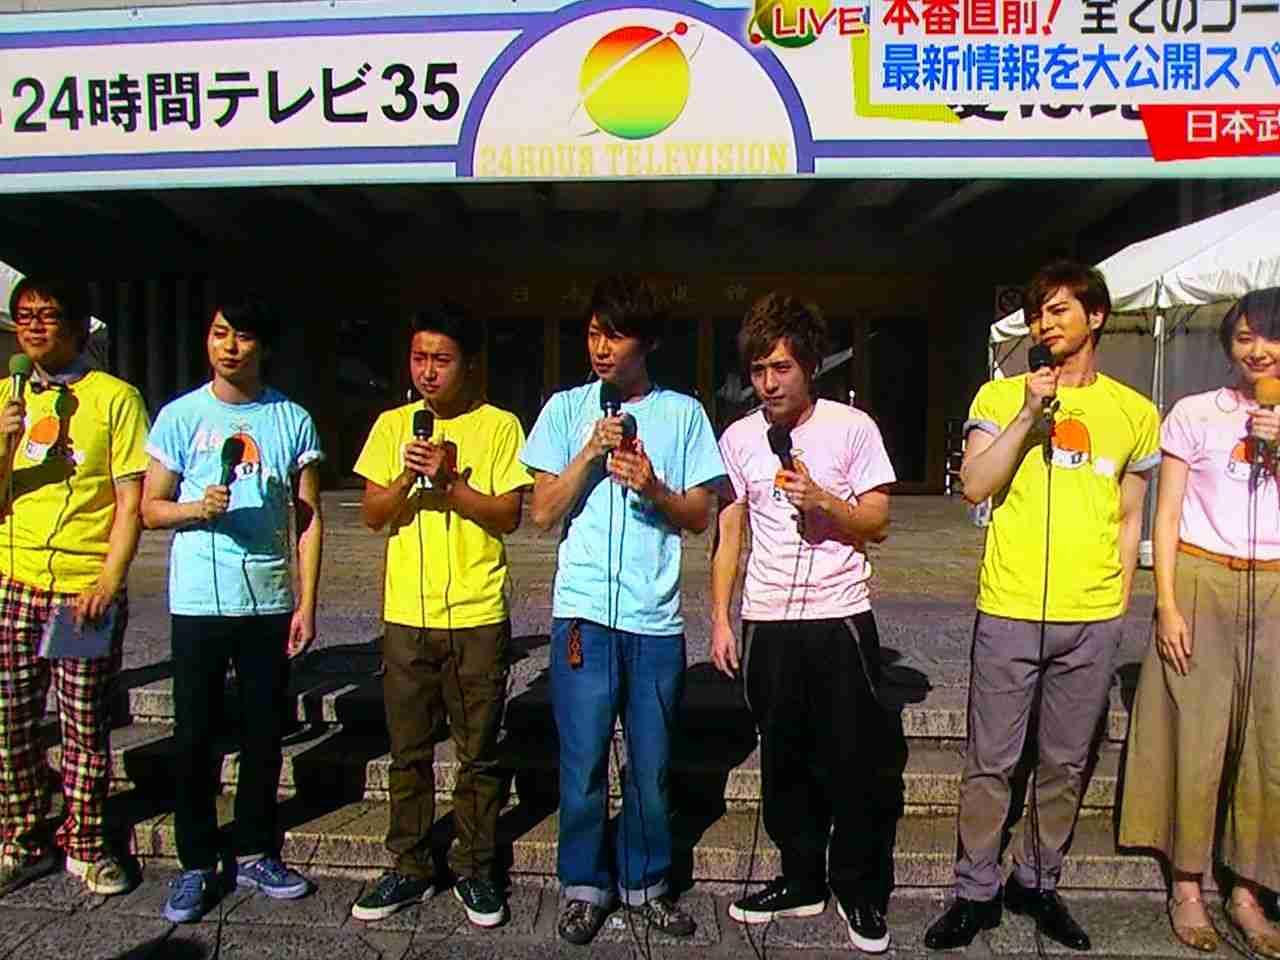 【24時間テレビ】撮影禁止にも関わらず、写真を撮るジャニオタに嵐の二宮和也さんがキレる!